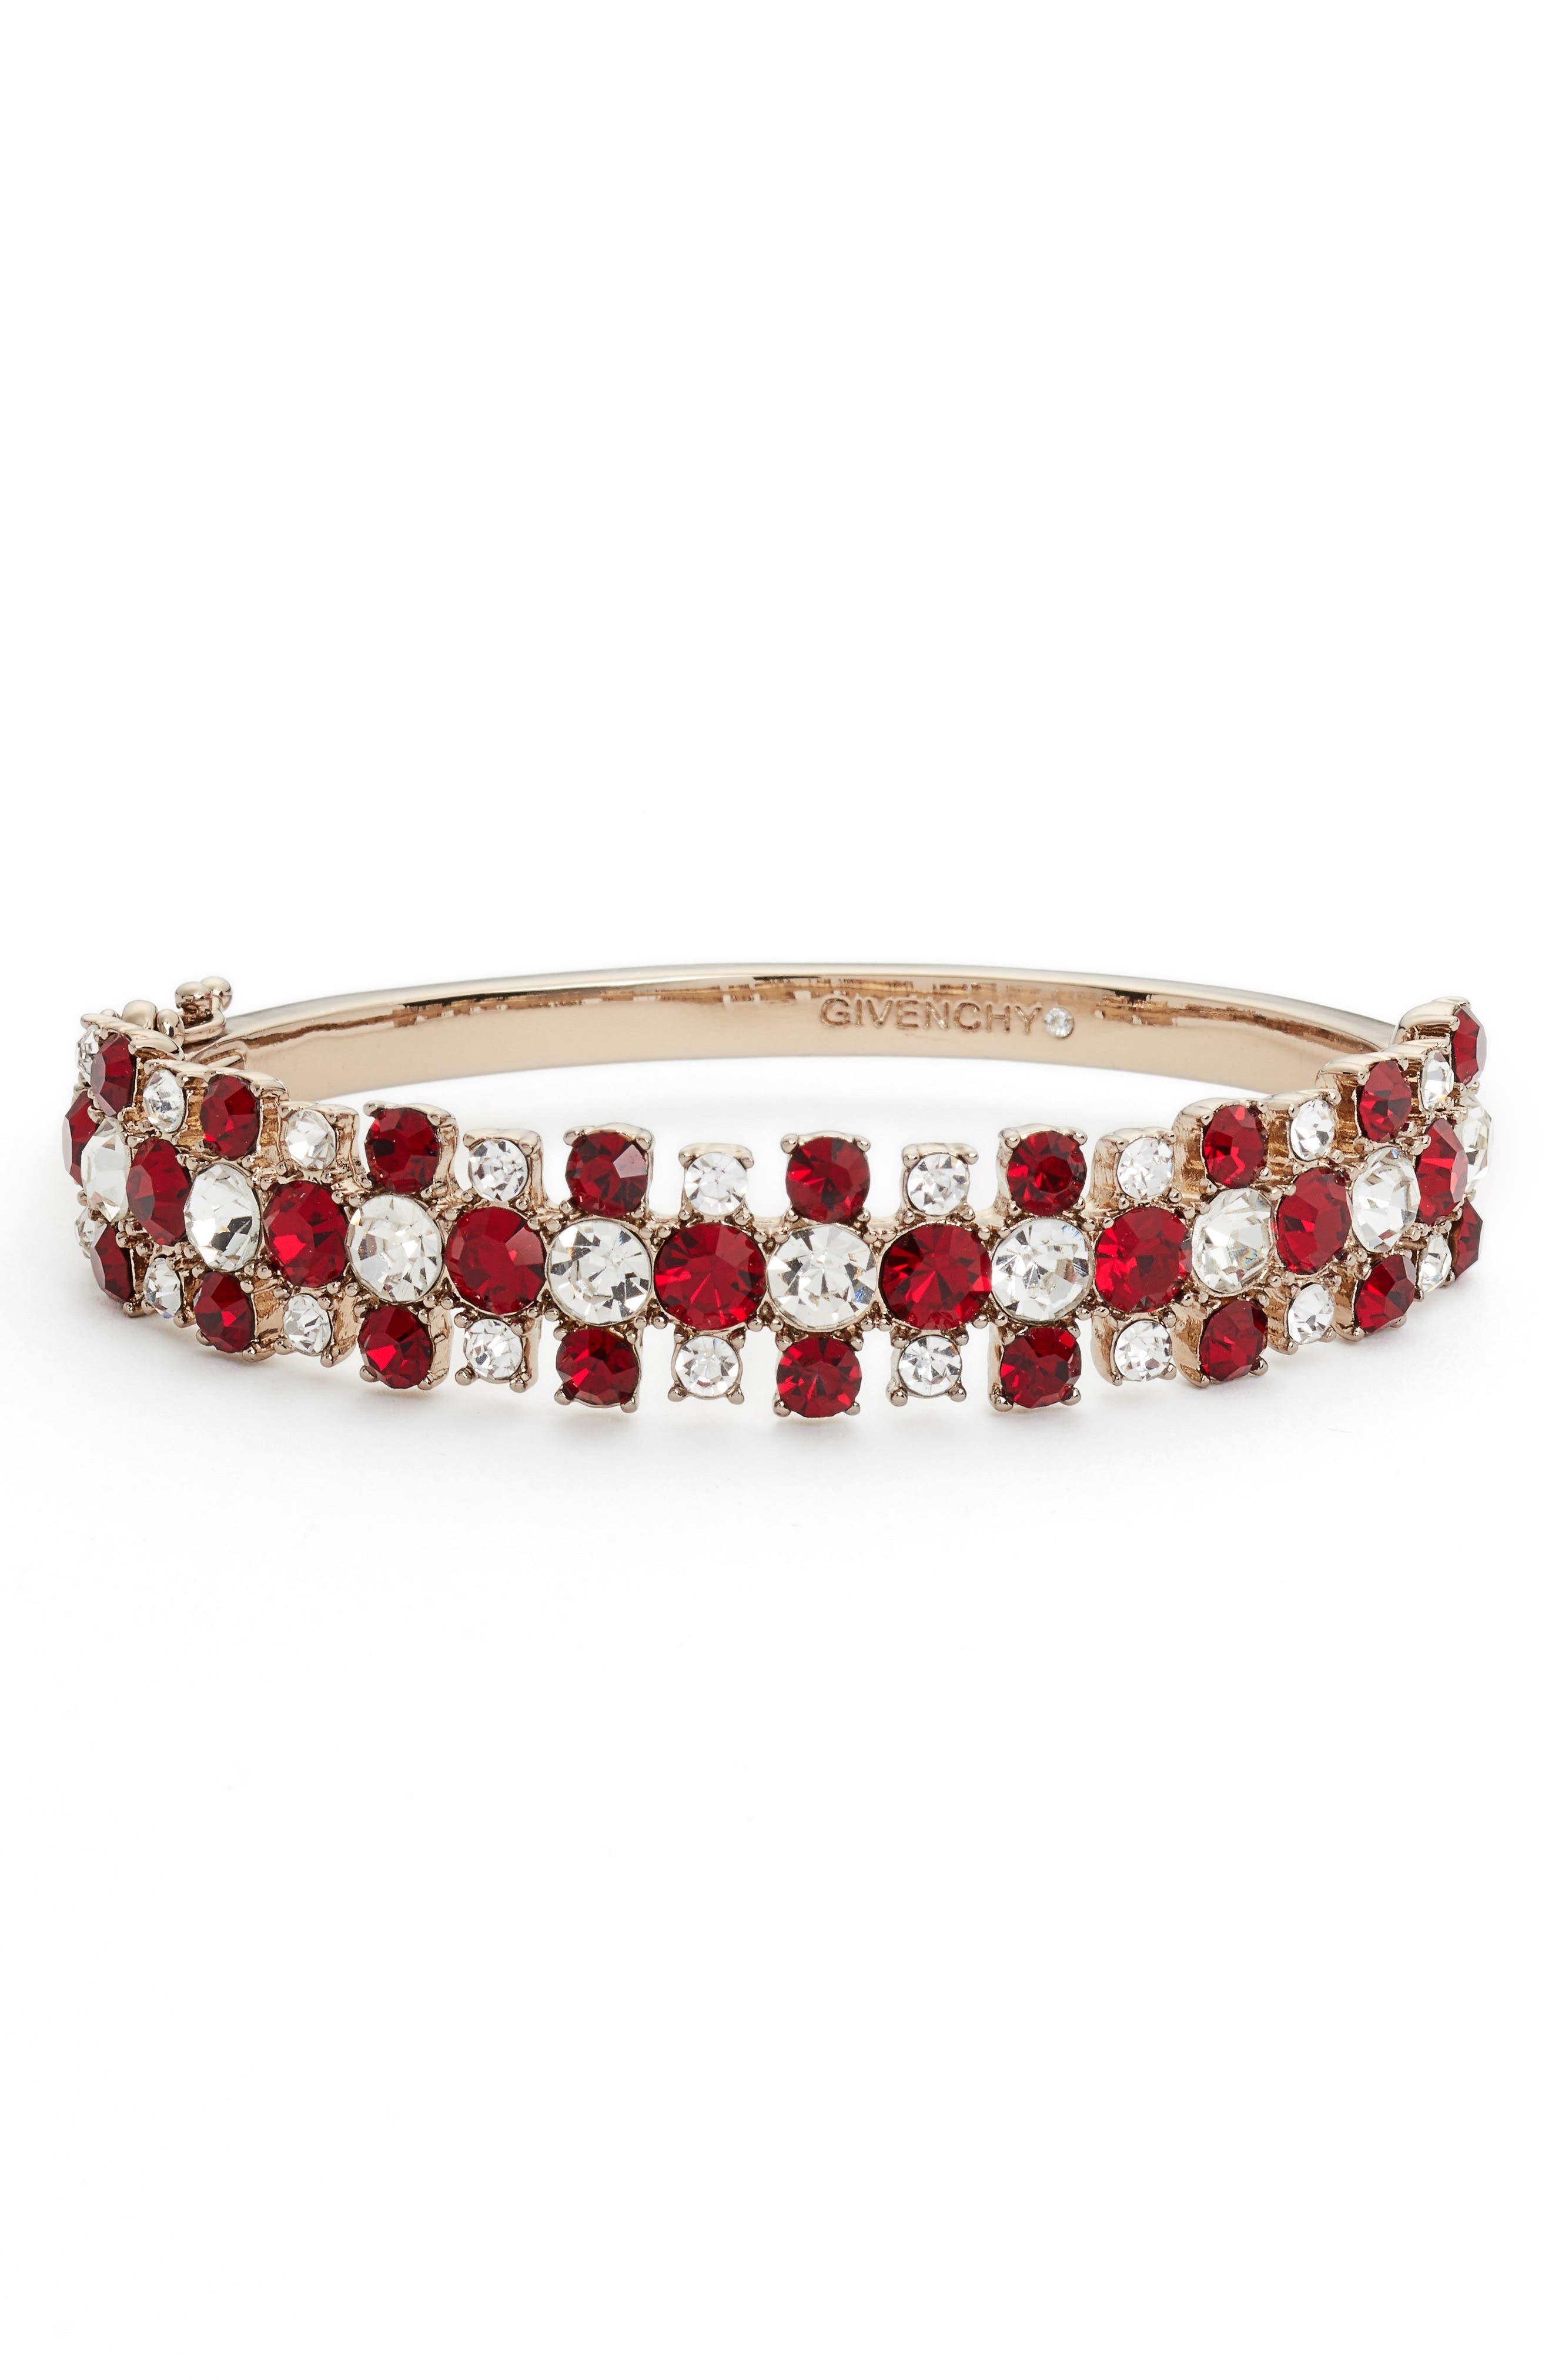 Main Image - Givenchy Crystal Bangle Bracelet